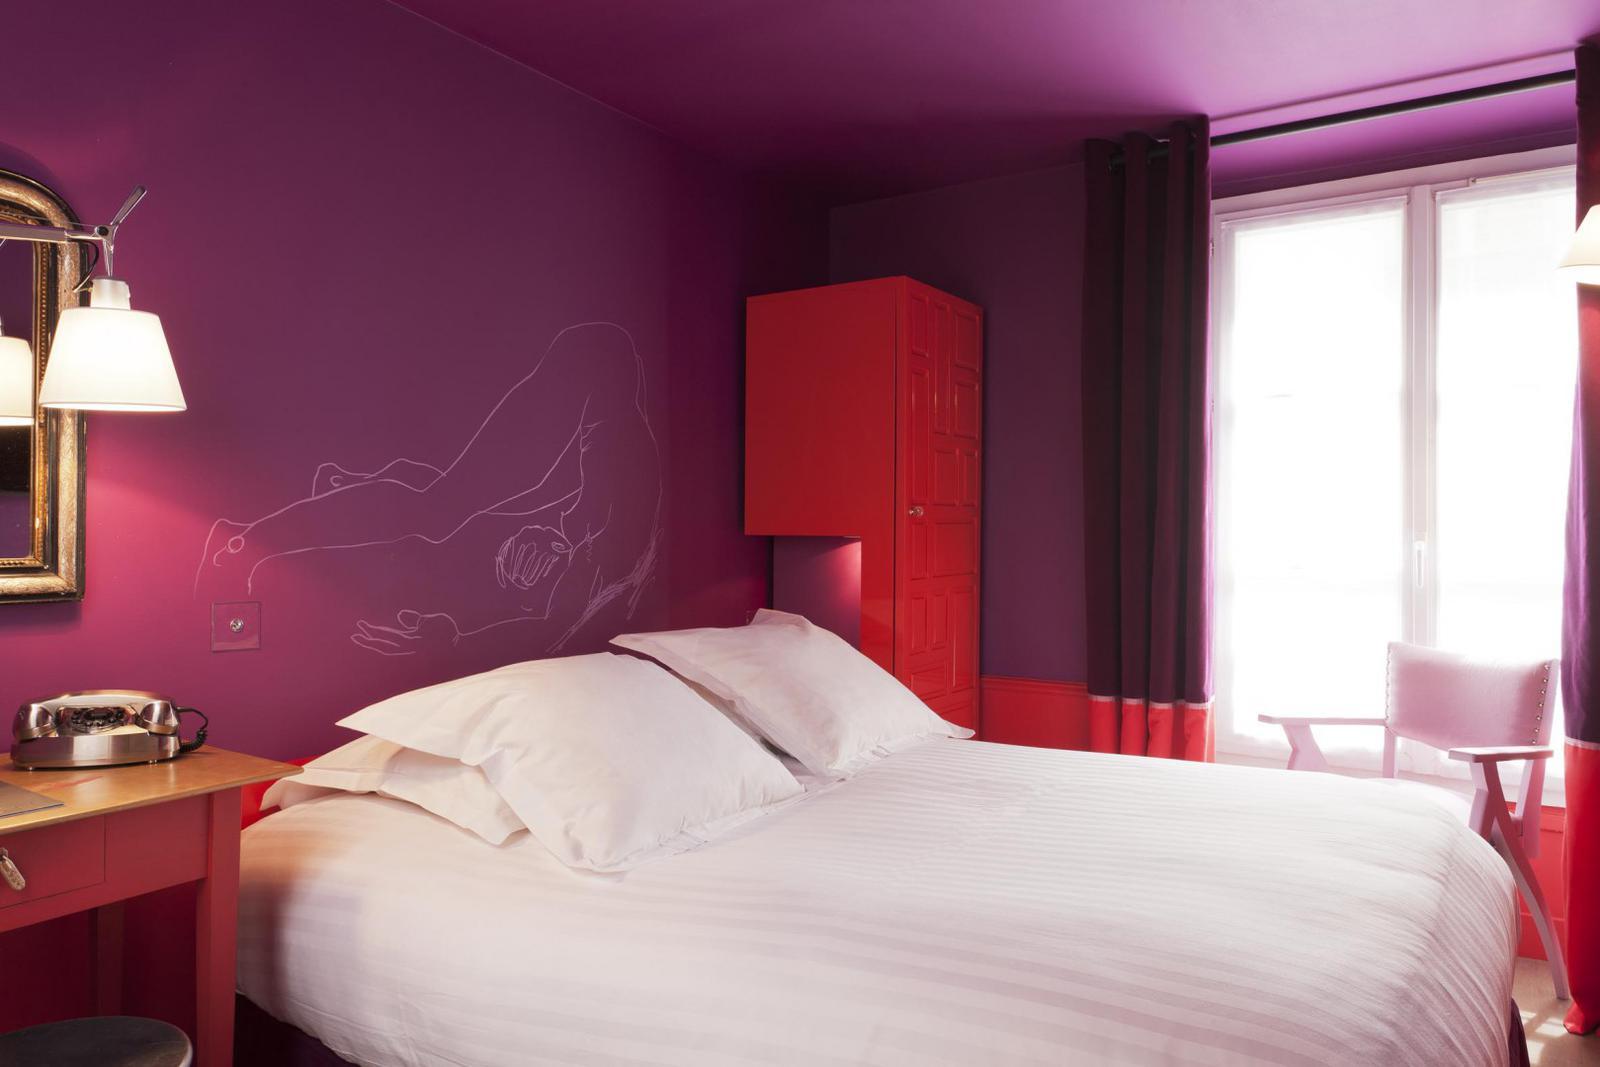 Hotel Crayon (Louvre Forum)25 rue du Bouloi75001